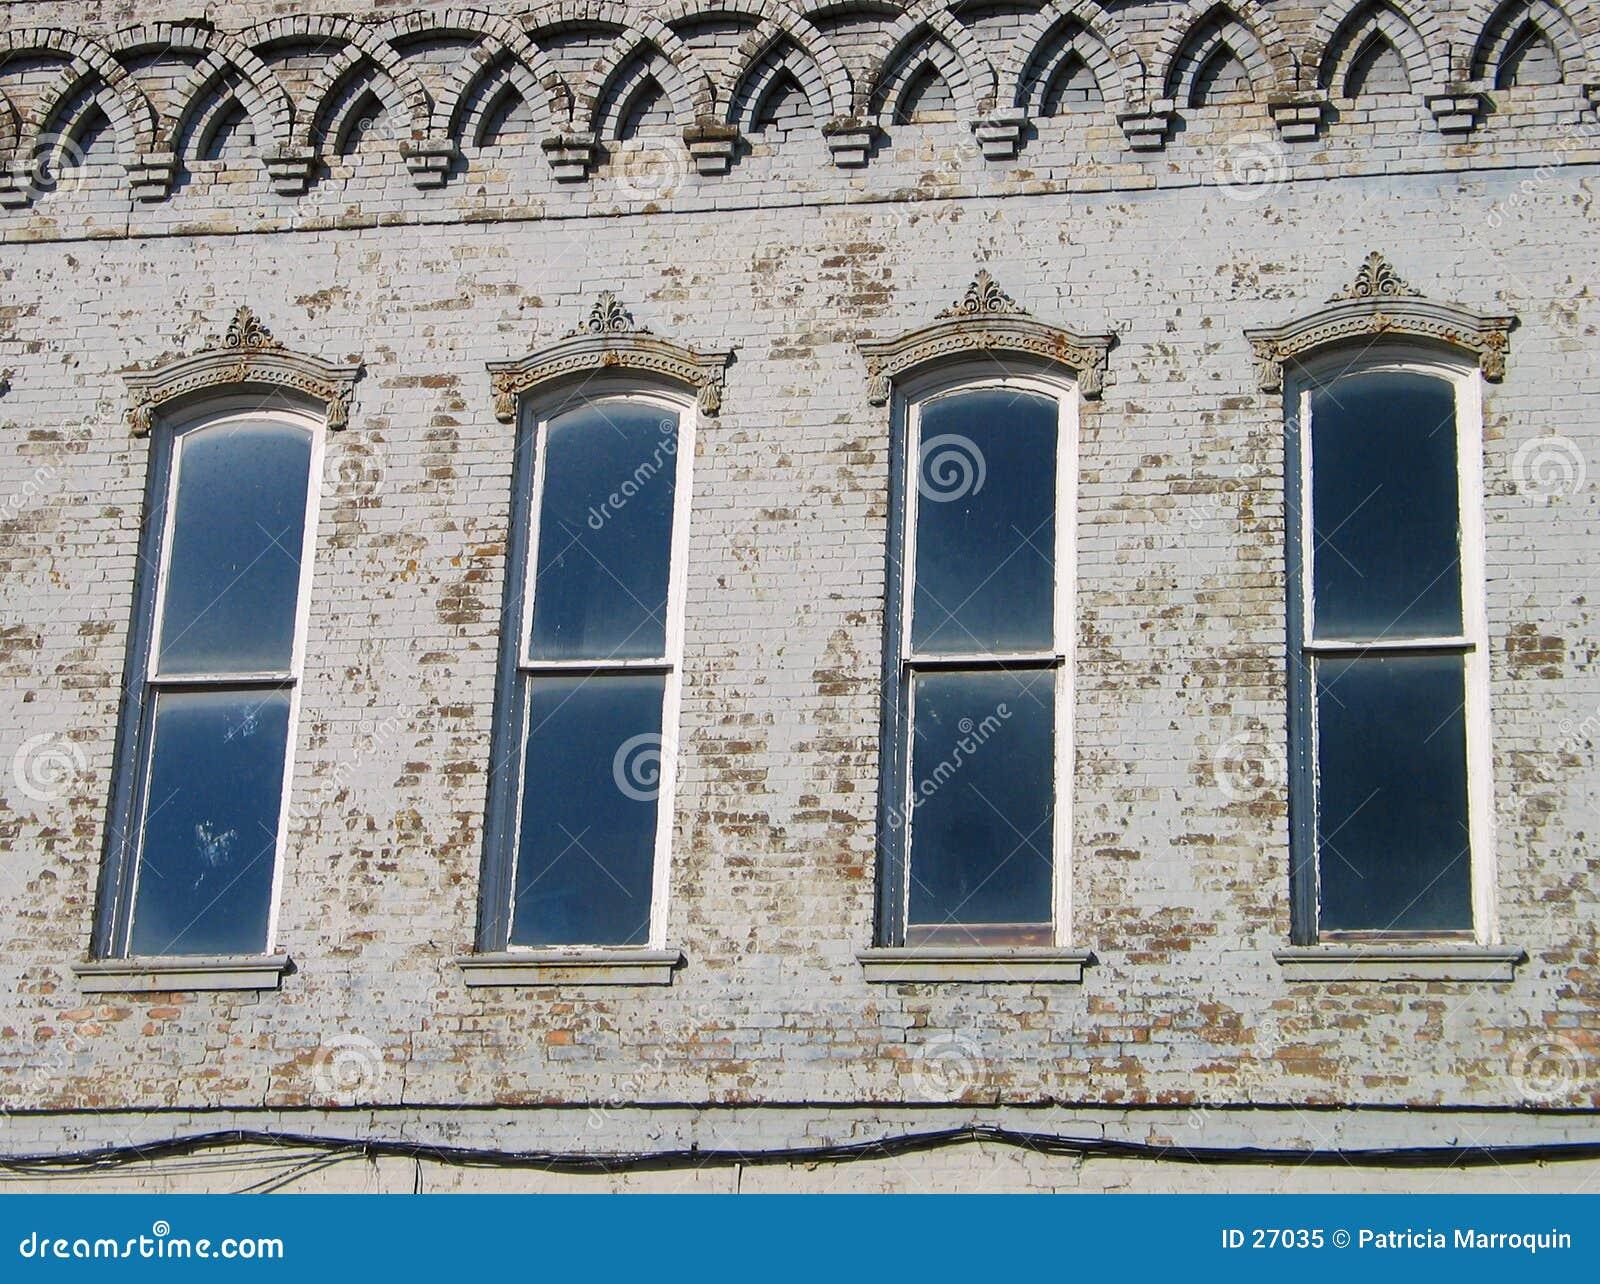 Download Cuatro Windows imagen de archivo. Imagen de ciudad, ventanas - 27035